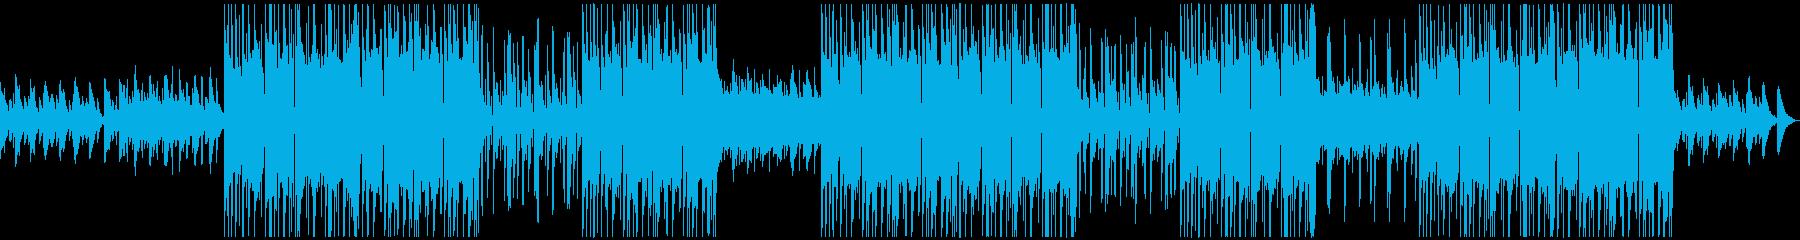 洋楽おしゃれエモいBGMの再生済みの波形